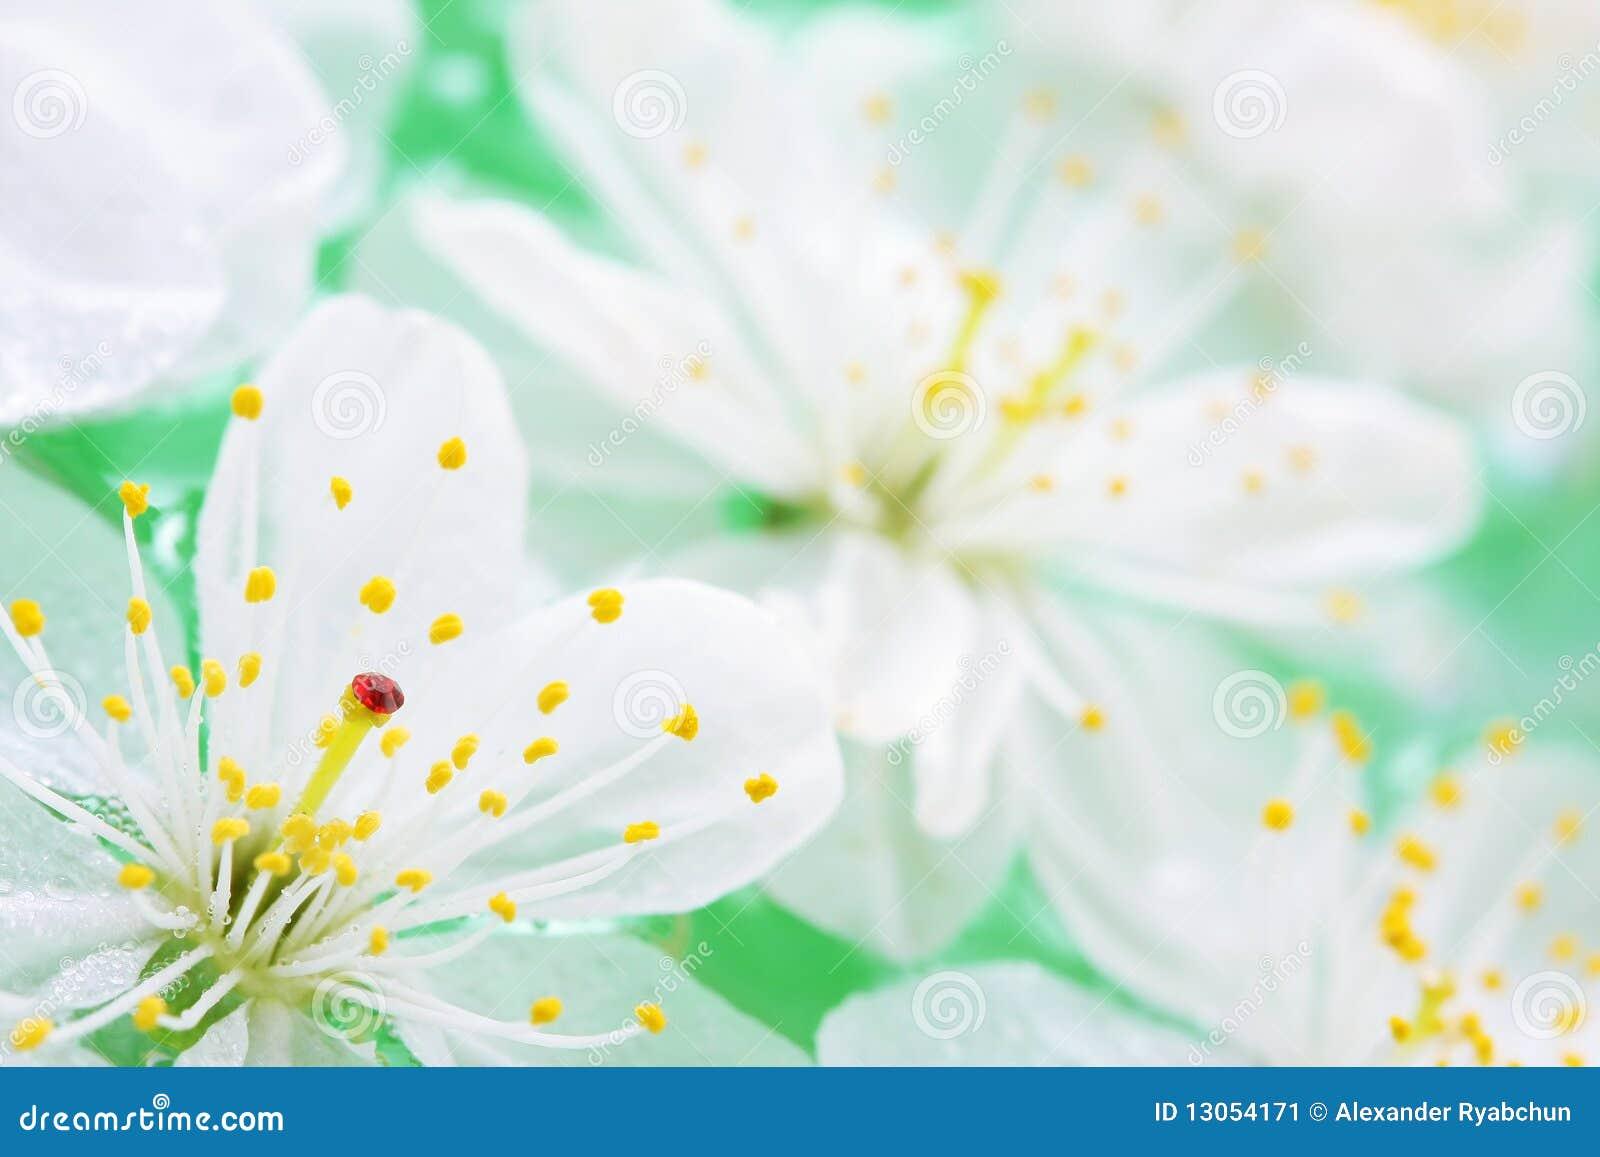 Zamknięty zamknięci wiśnia kwiaty